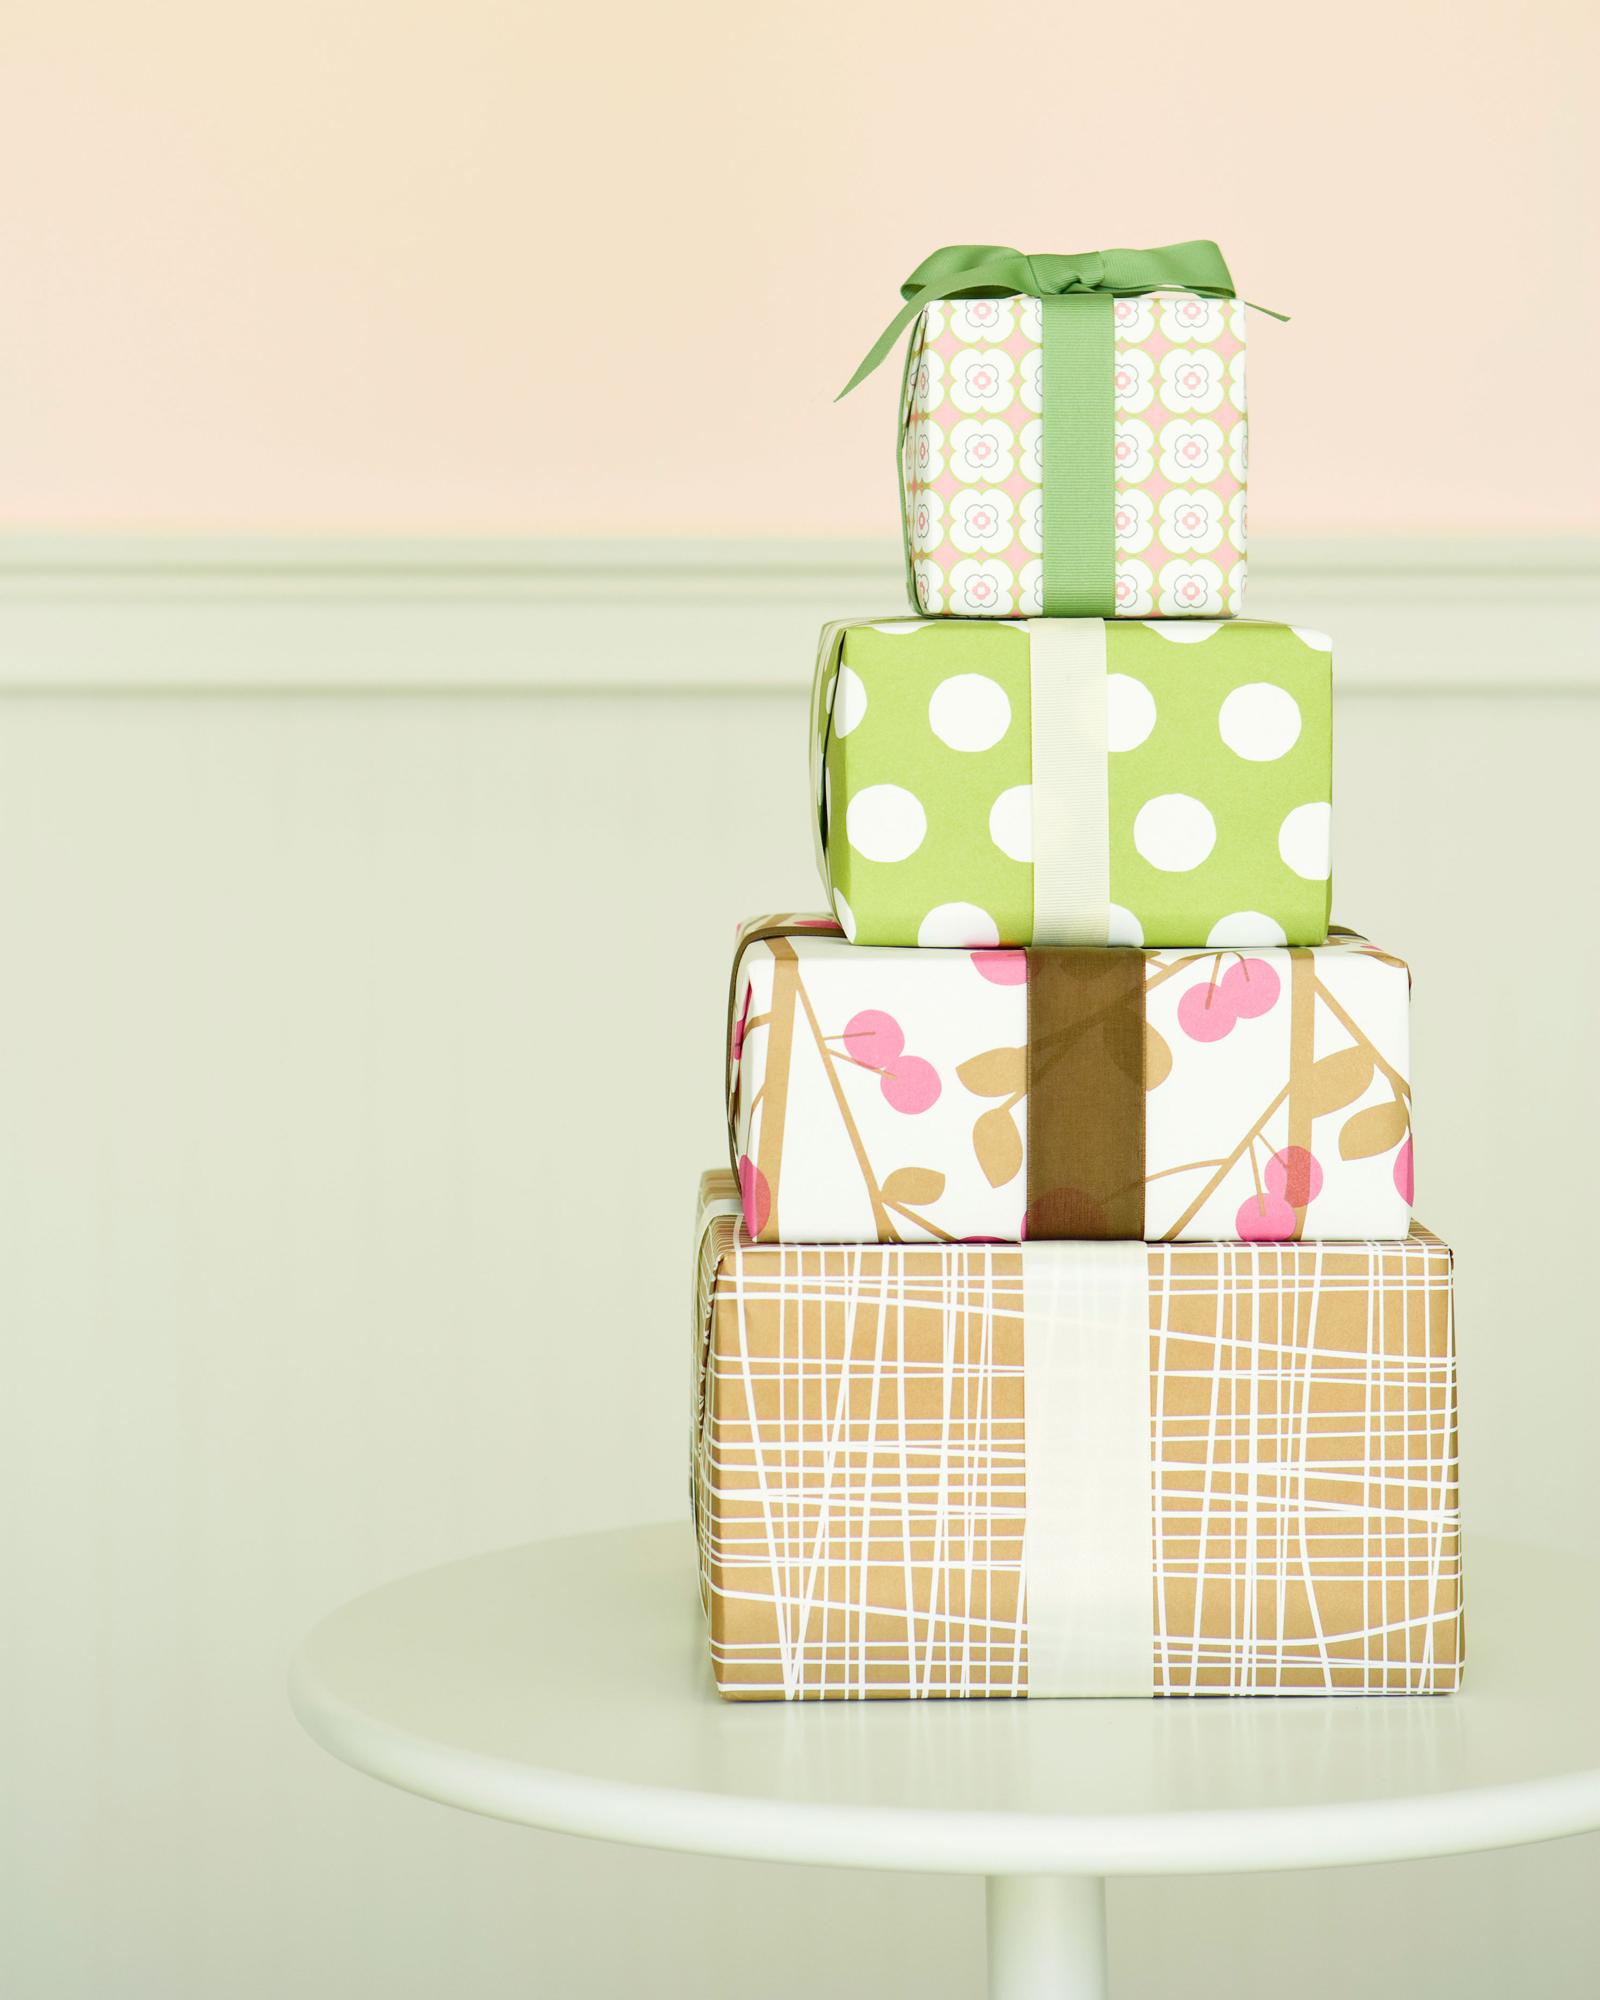 worst-shower-gifts-0316.jpg